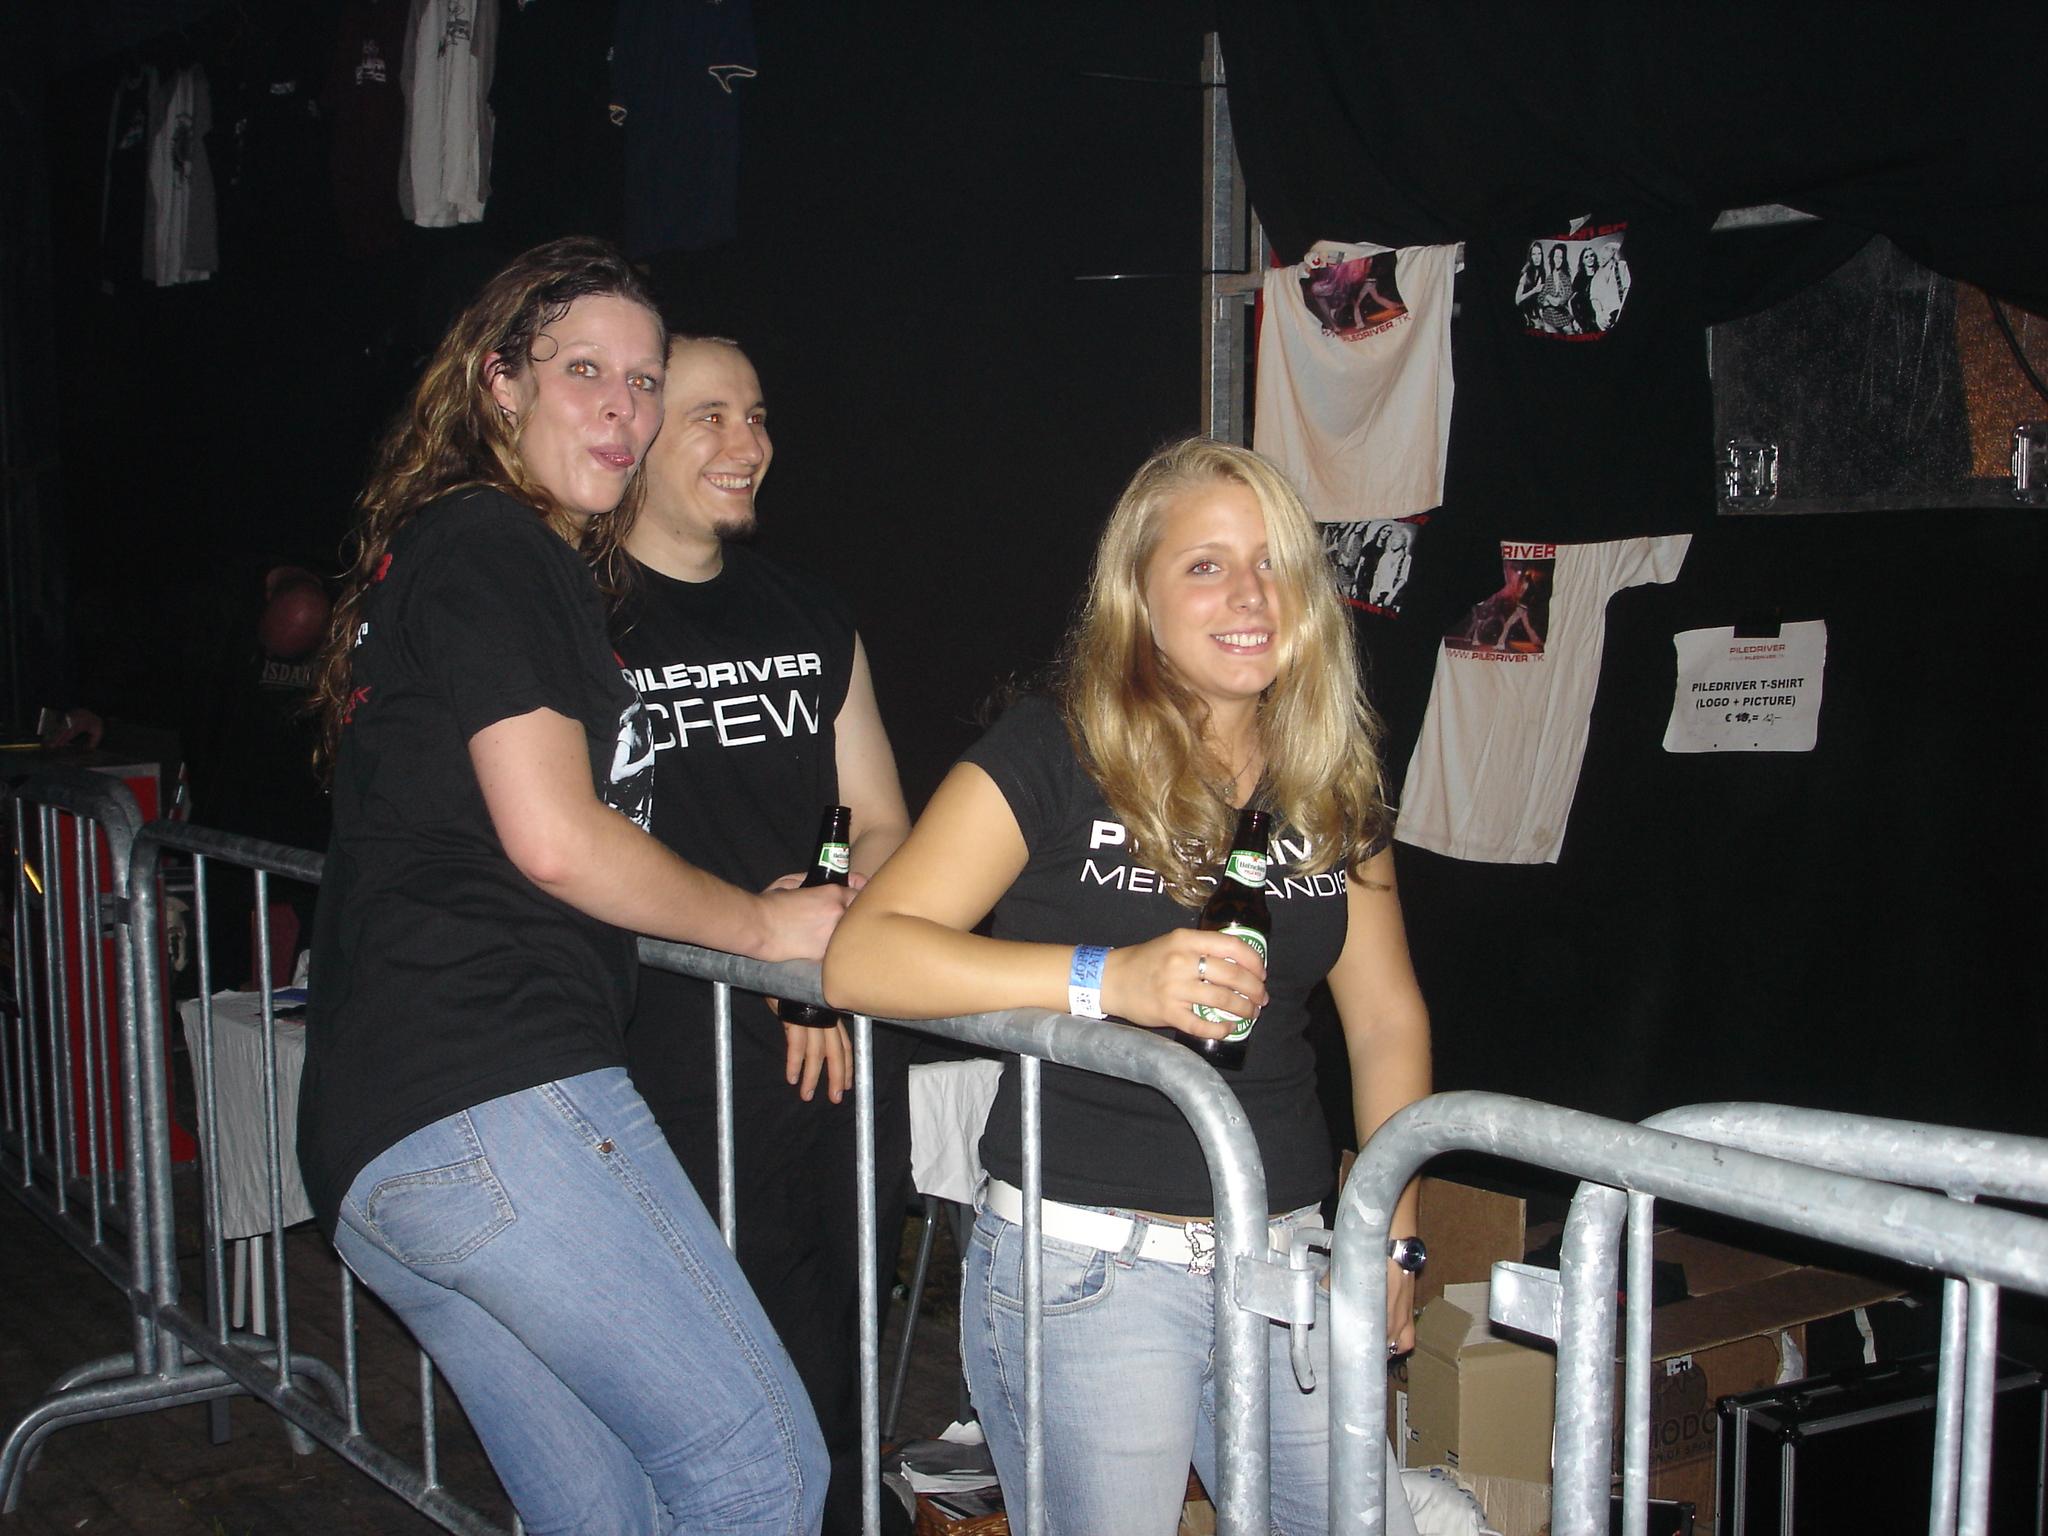 Joppe Festival 2005